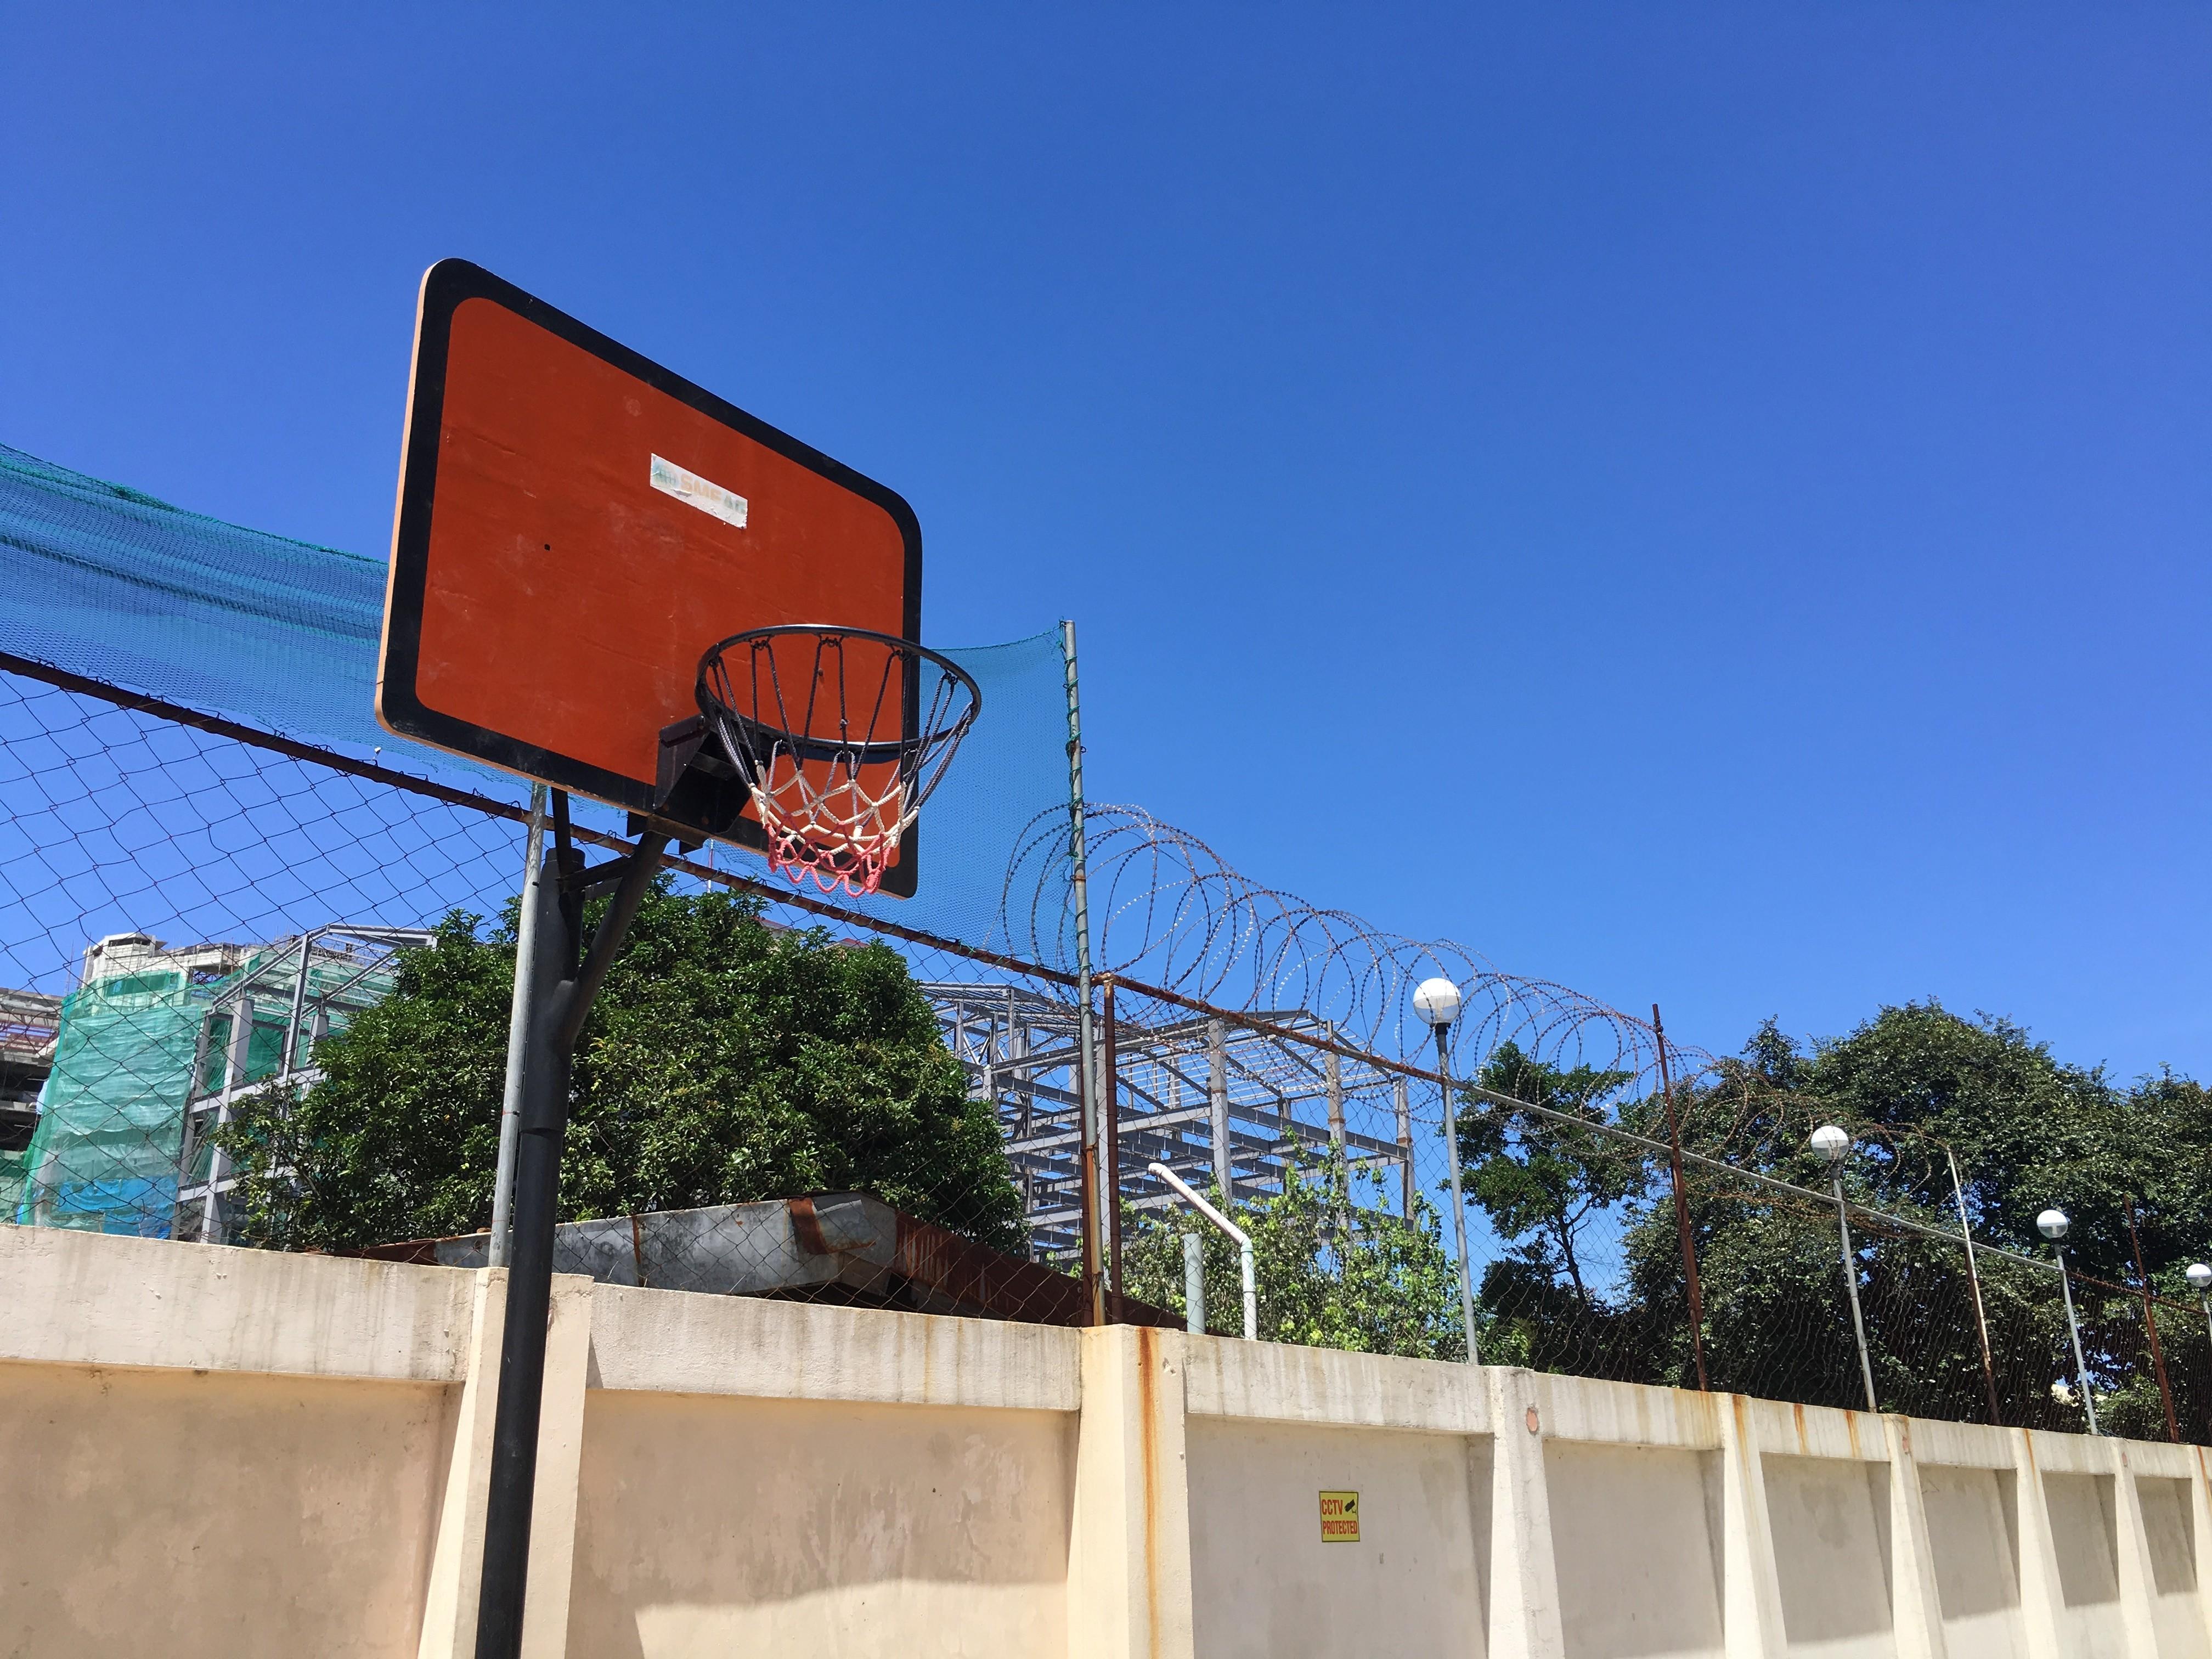 SMEAG クラッシックキャンパス内バスケットコート